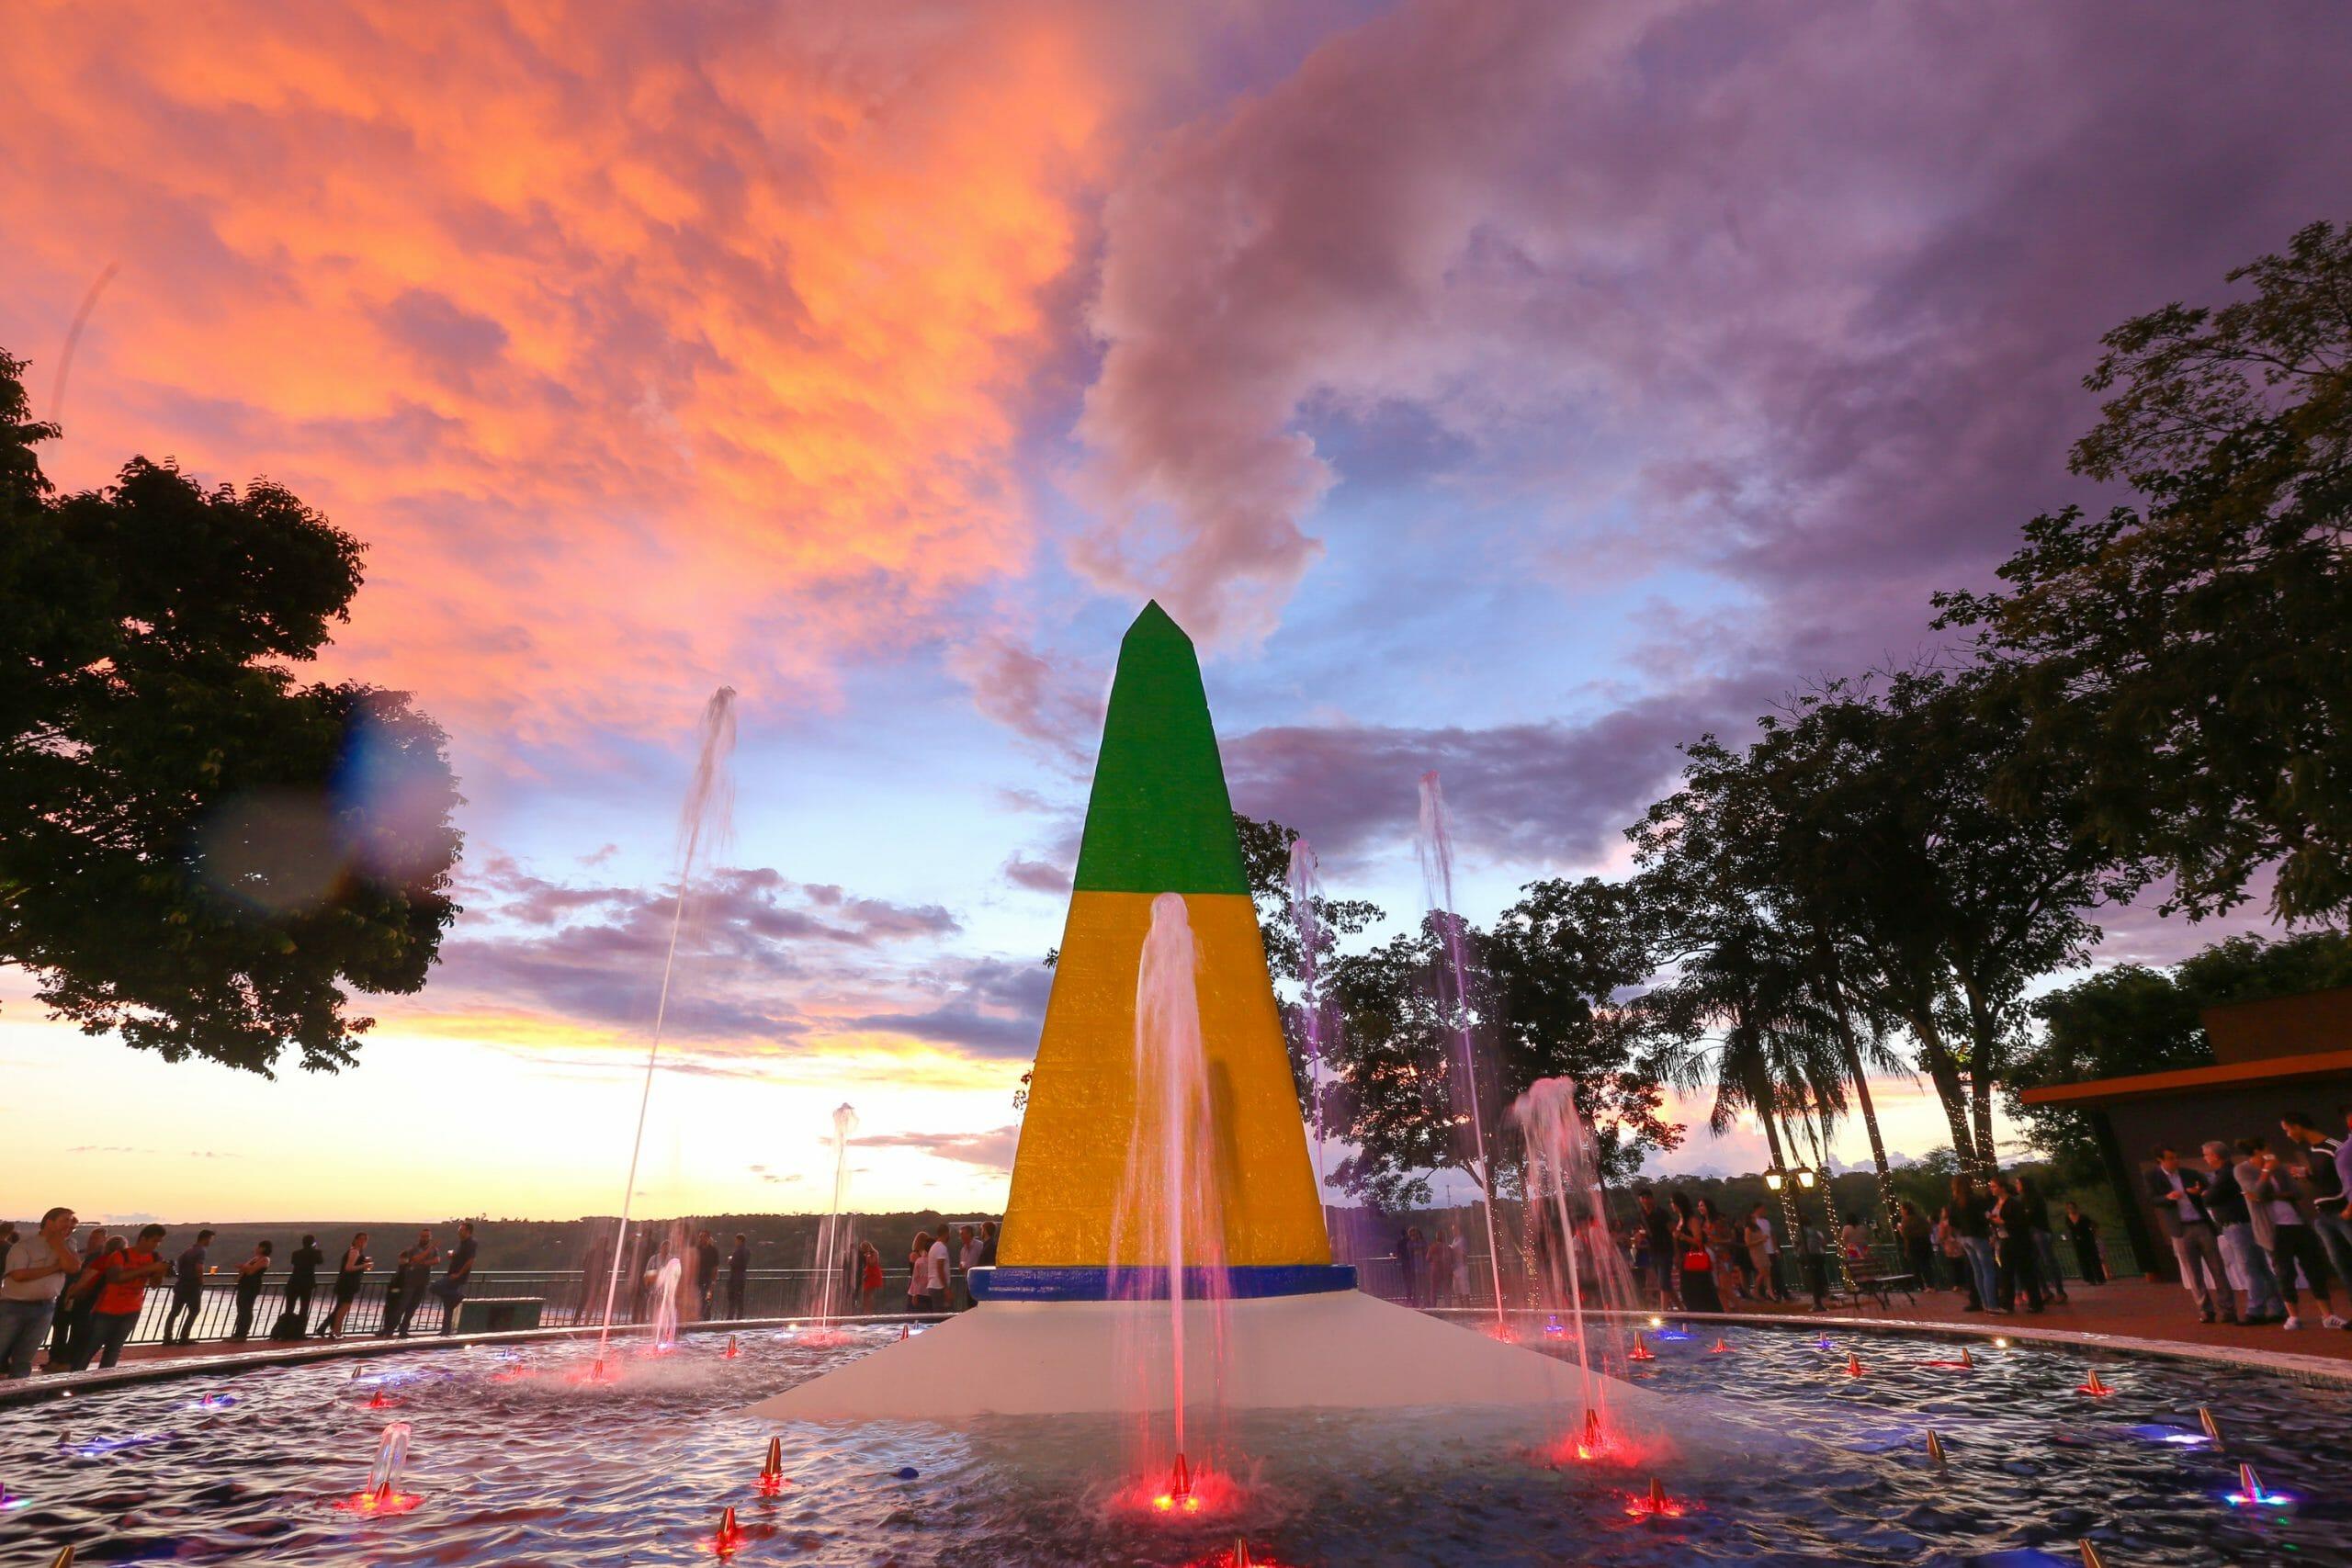 Quais são os 4 passeios em Foz do Iguaçu que você não pode deixar de fazer